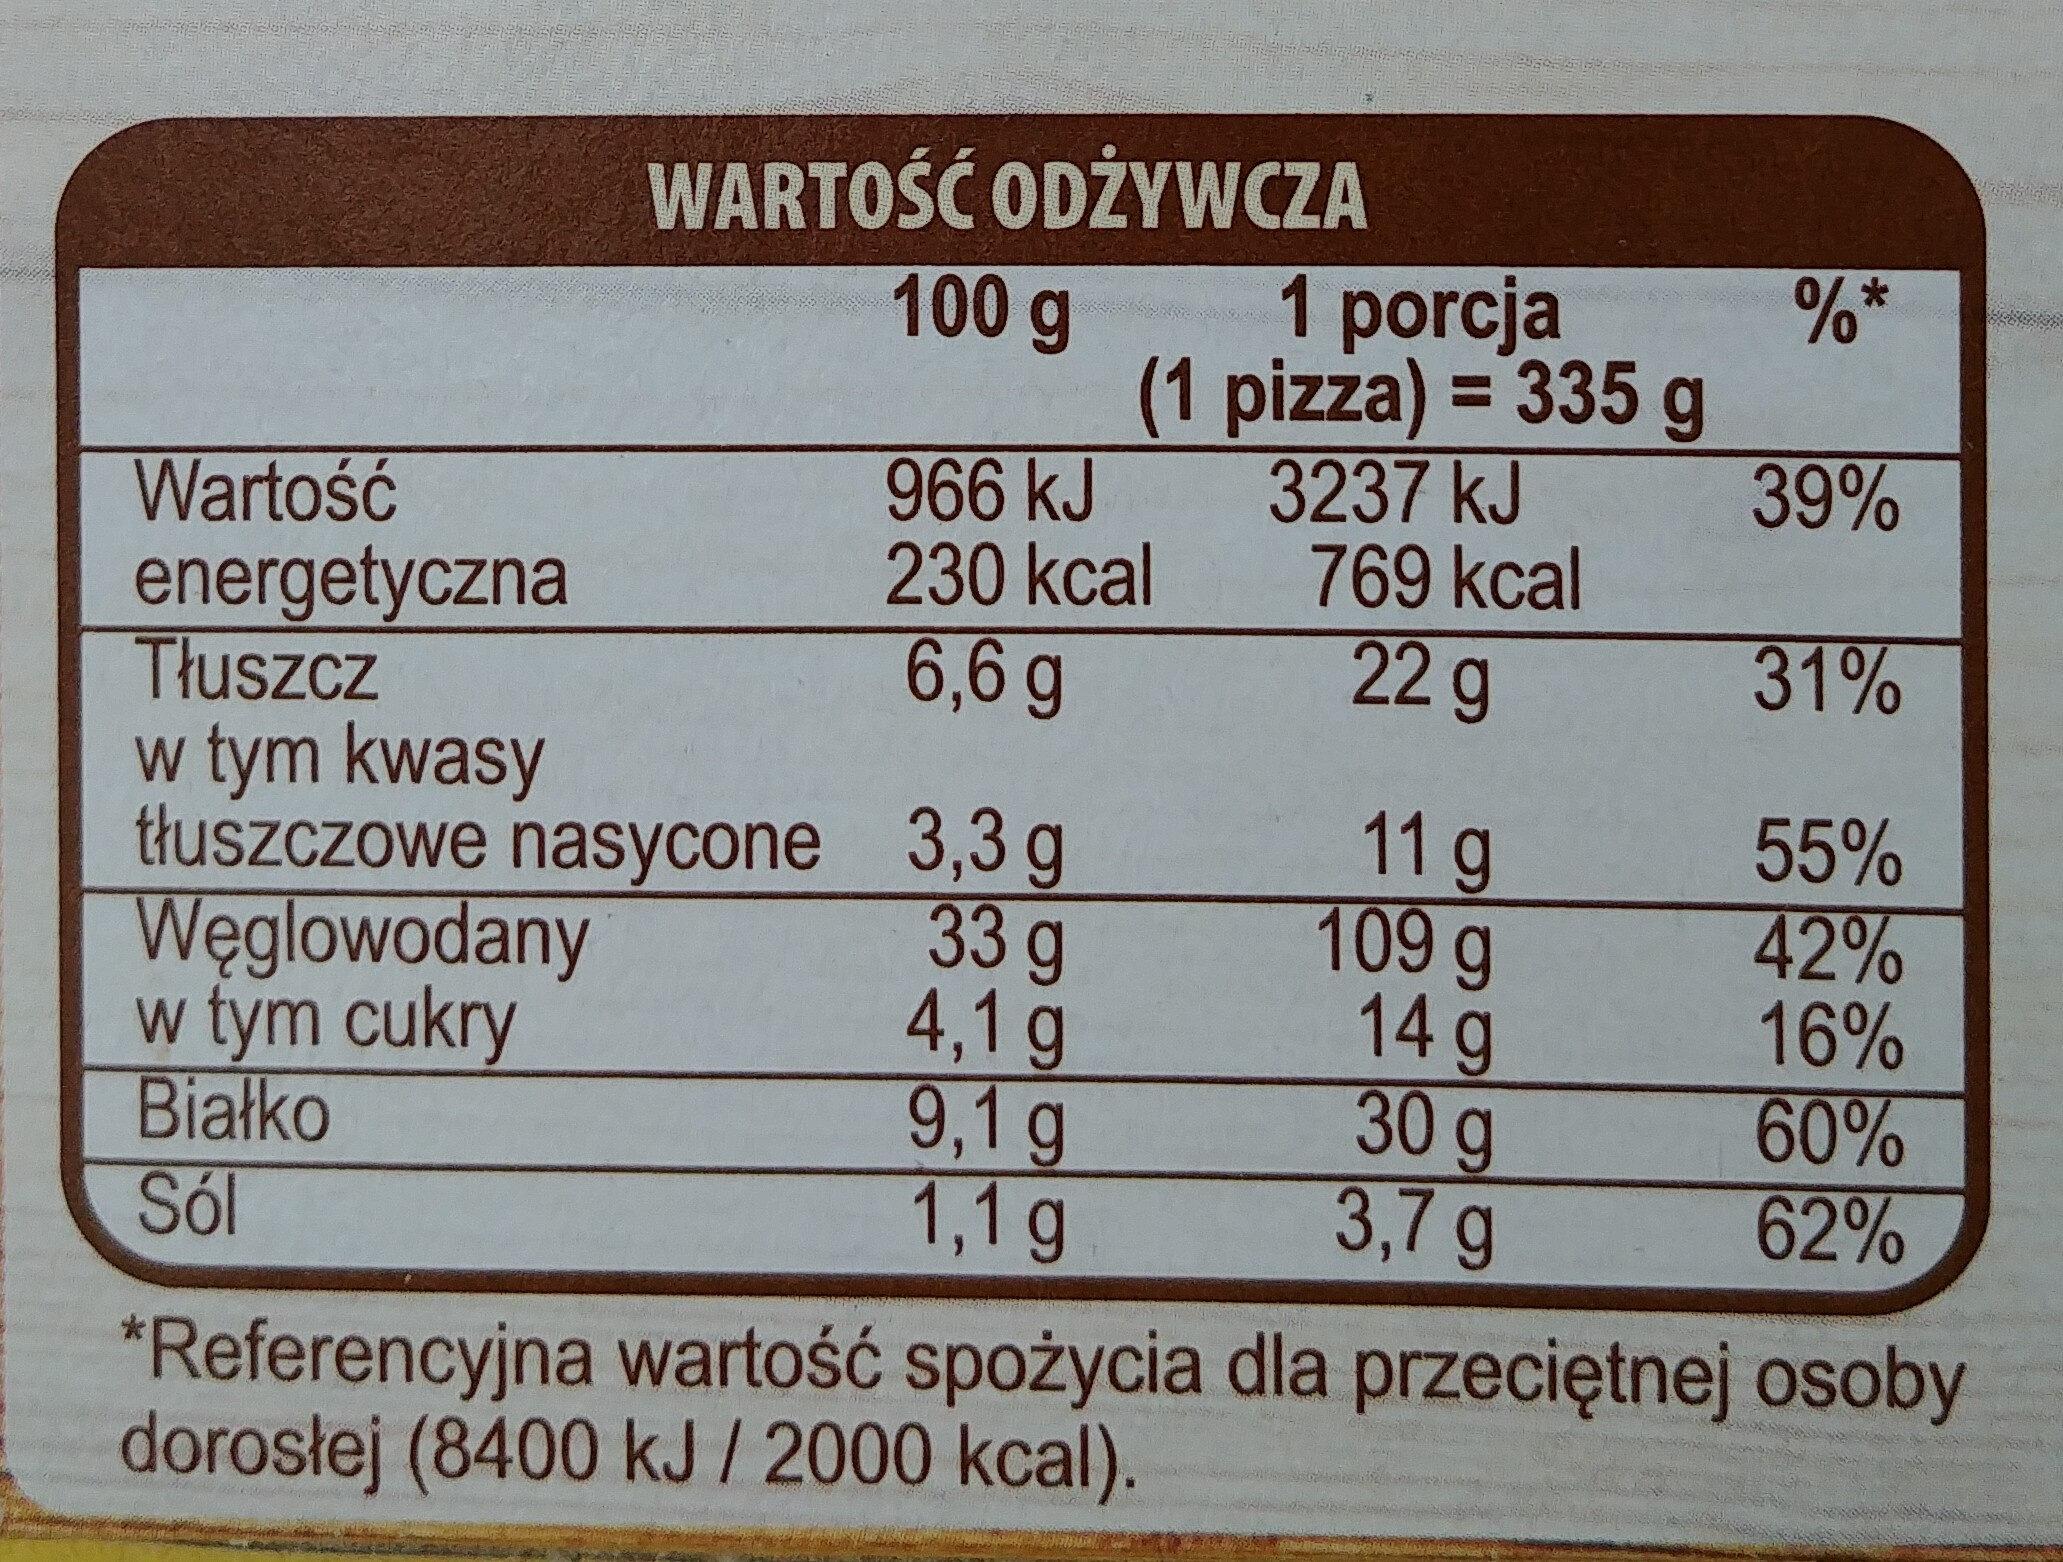 Pizza z pieczonym kurczakiem i serem ricotta, głęboko mrożona. - Wartości odżywcze - pl